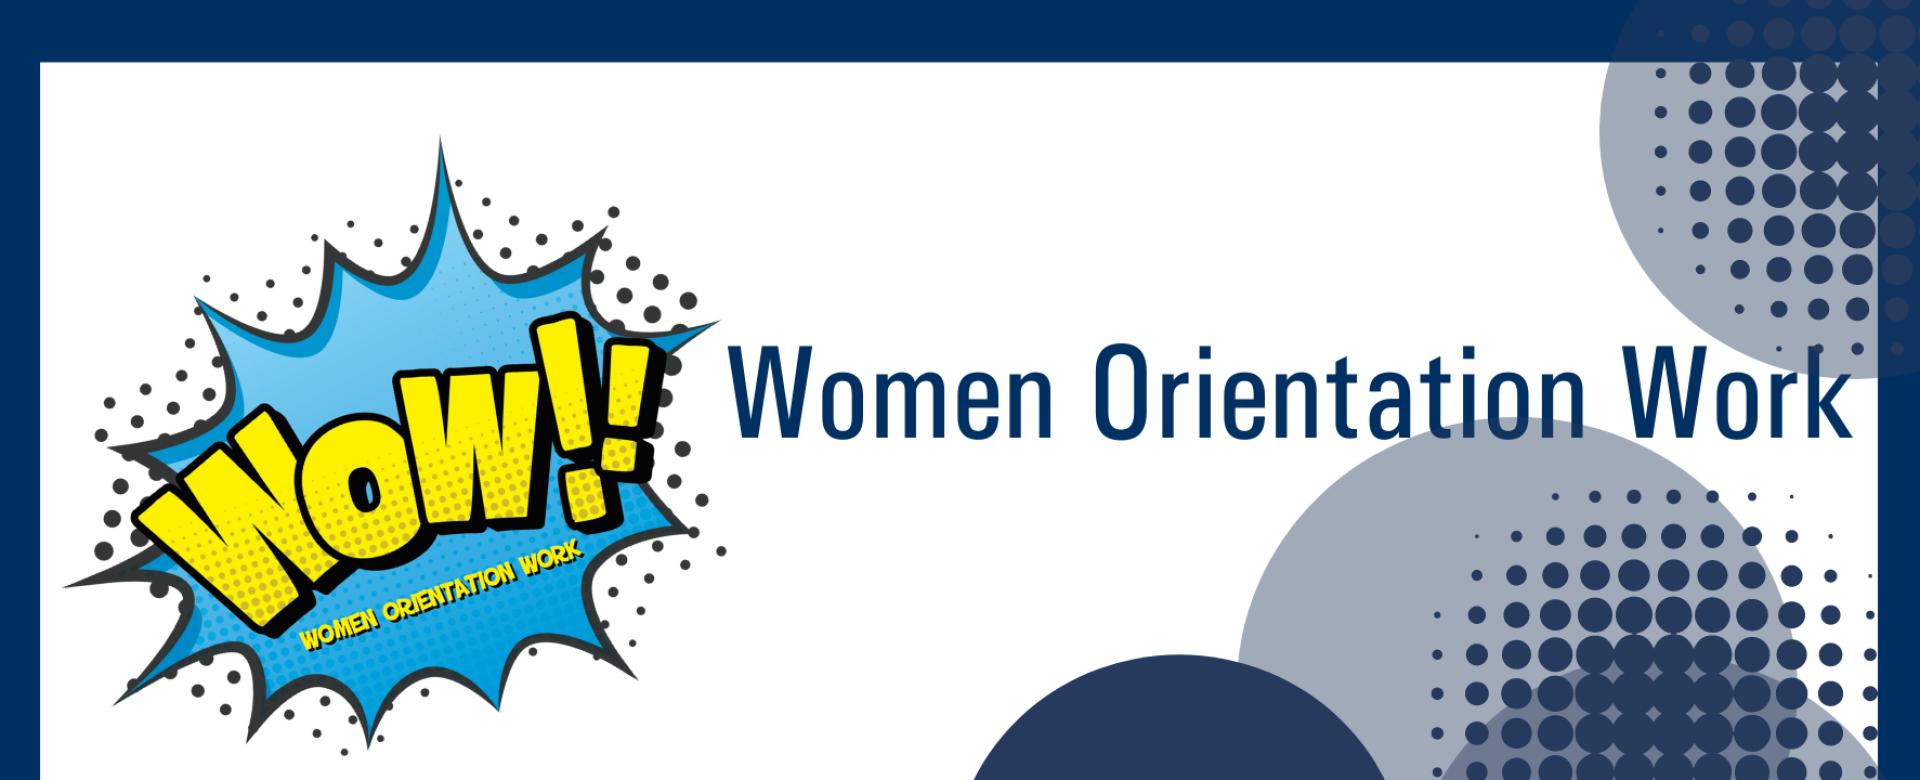 05.10.2021 - W.O.W   Women Orientation Work